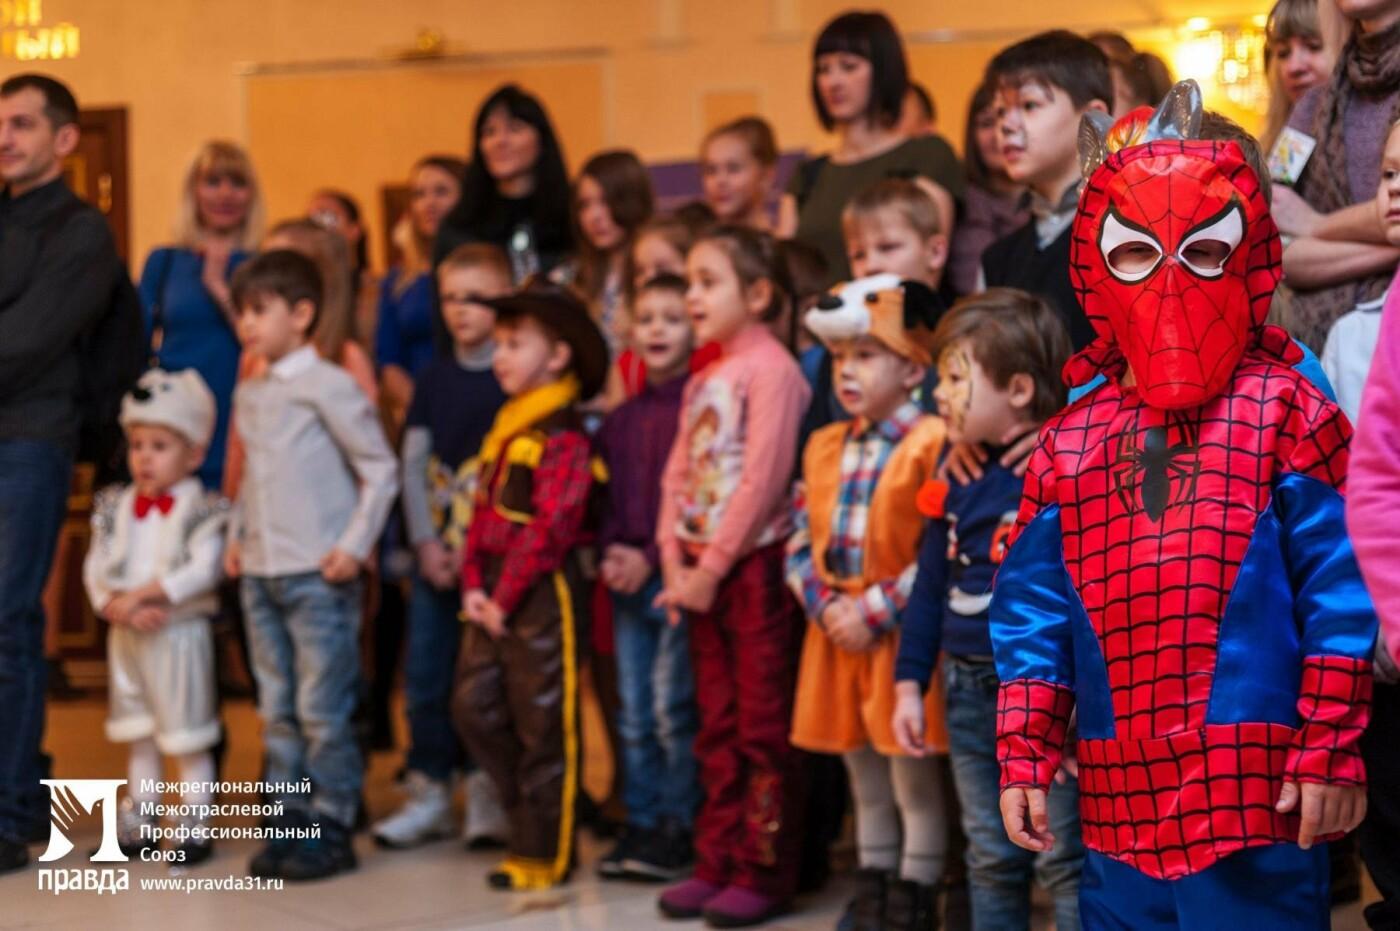 «Правда» организовала для всех детей участников профсоюза новогодние утренники в Белгородской филармонии, фото-7